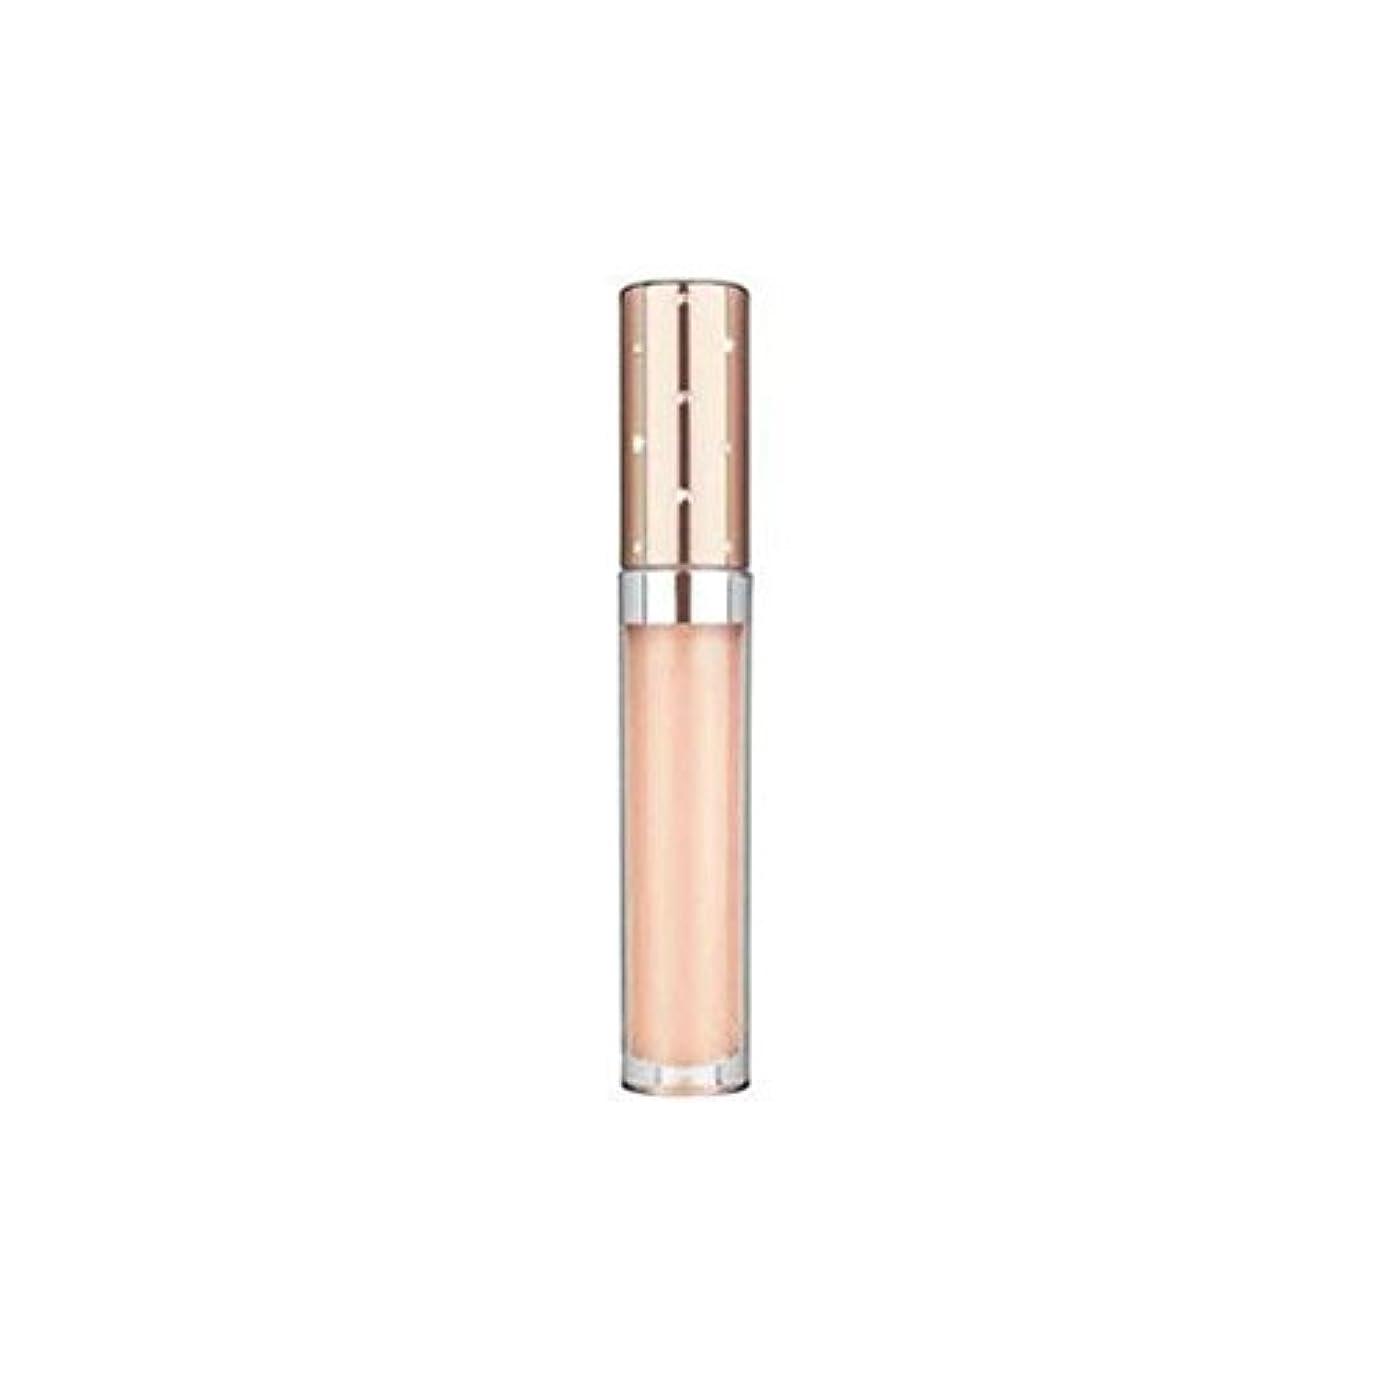 降下厳密にセレナNubo Instant Lip Perfection Spf15 (5ml) - インスタントリップパーフェクション15(5ミリリットル) [並行輸入品]